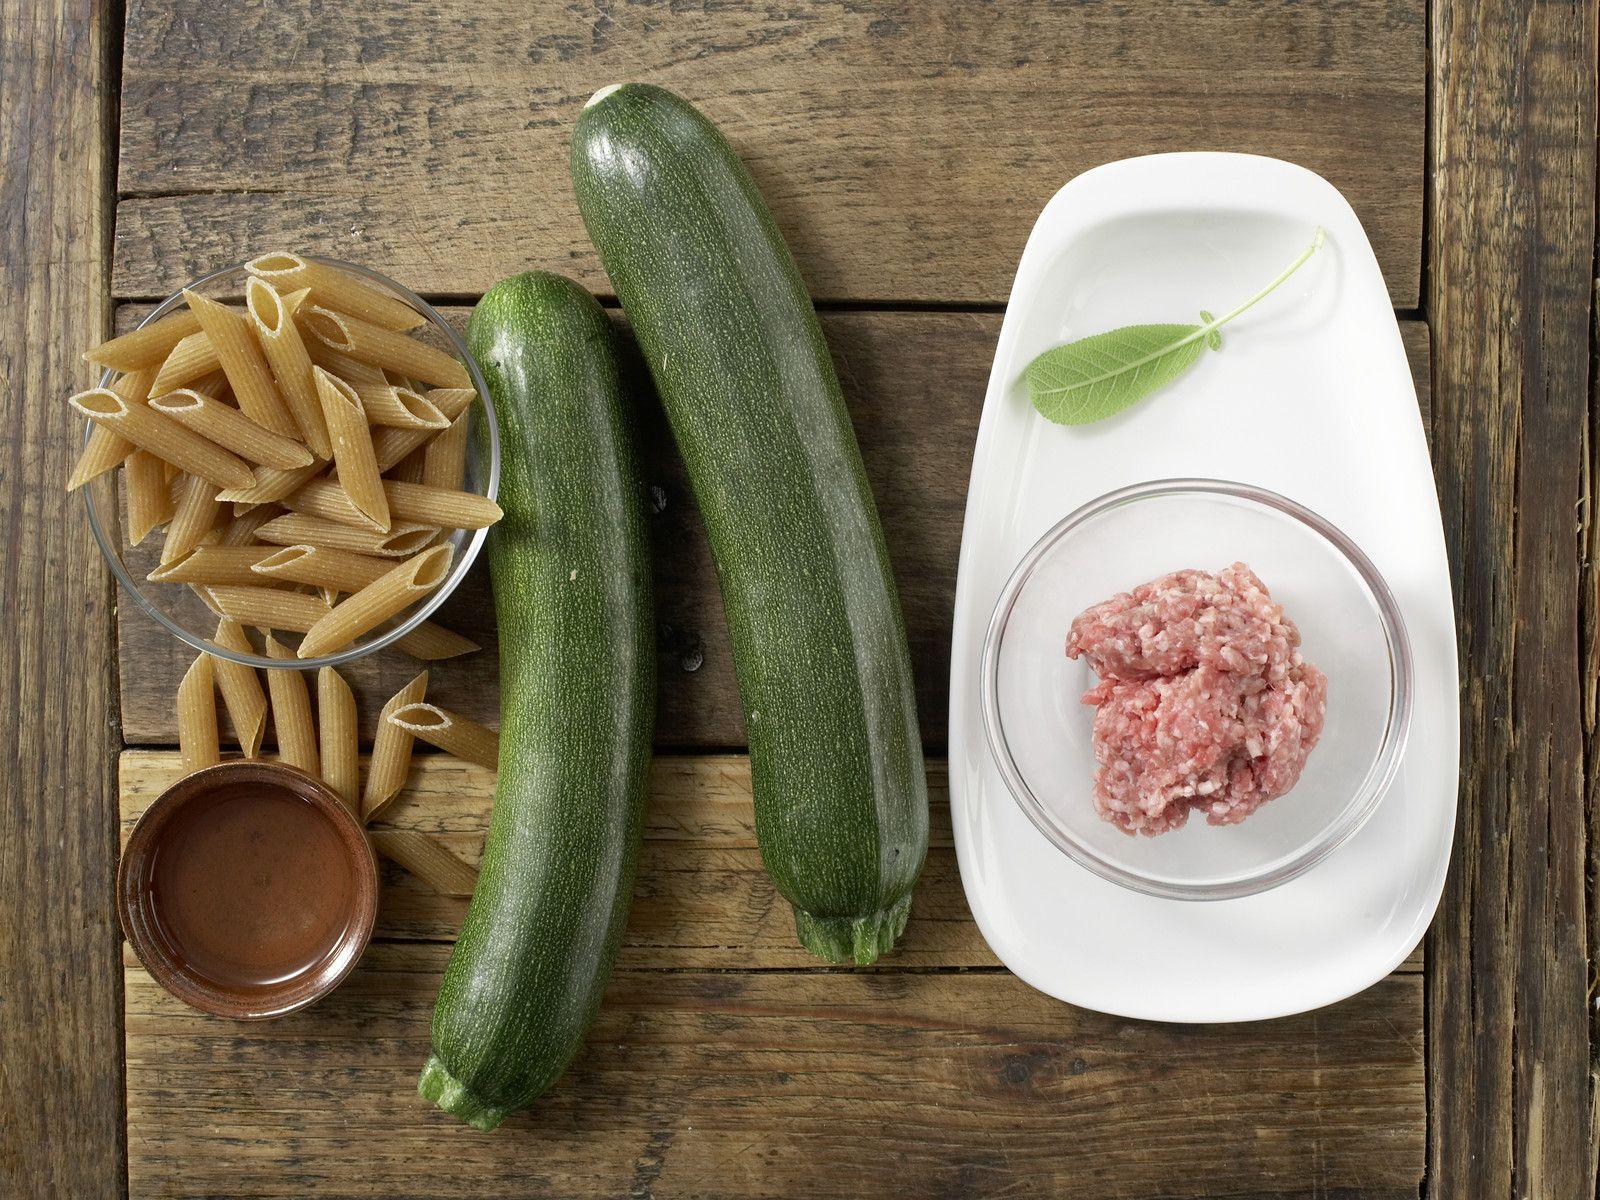 Zucchini Nudel Brei Mit Hackfleisch Rezept In 2020 Hackfleisch Rezepte Furs Baby Und Babynahrung